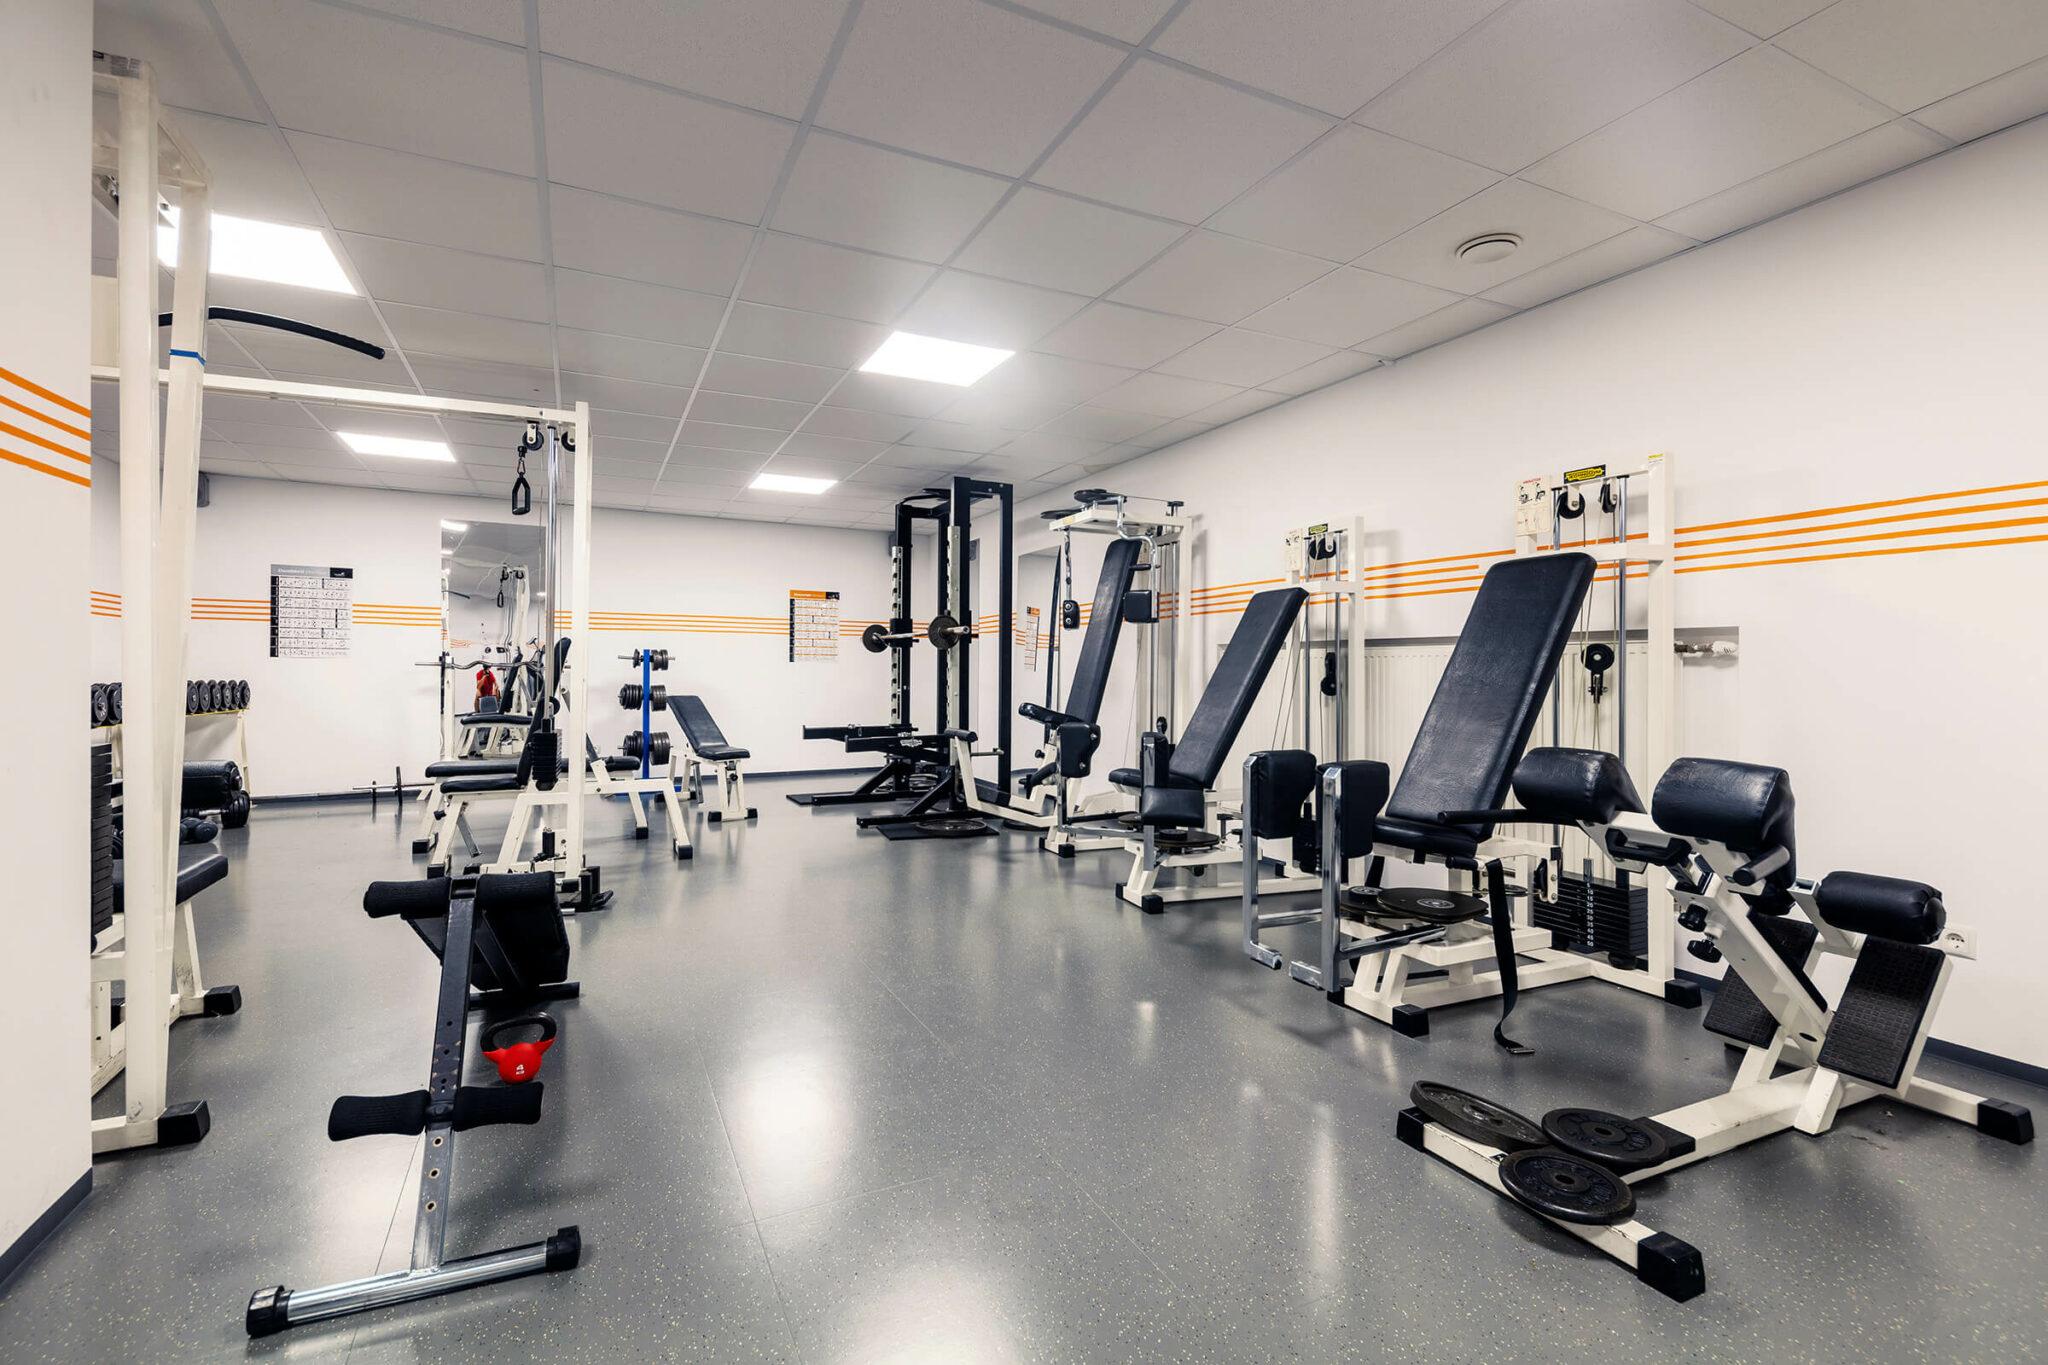 WIST_Wohnen_fuer_Studierende_2021_Franz_Fitnessraum